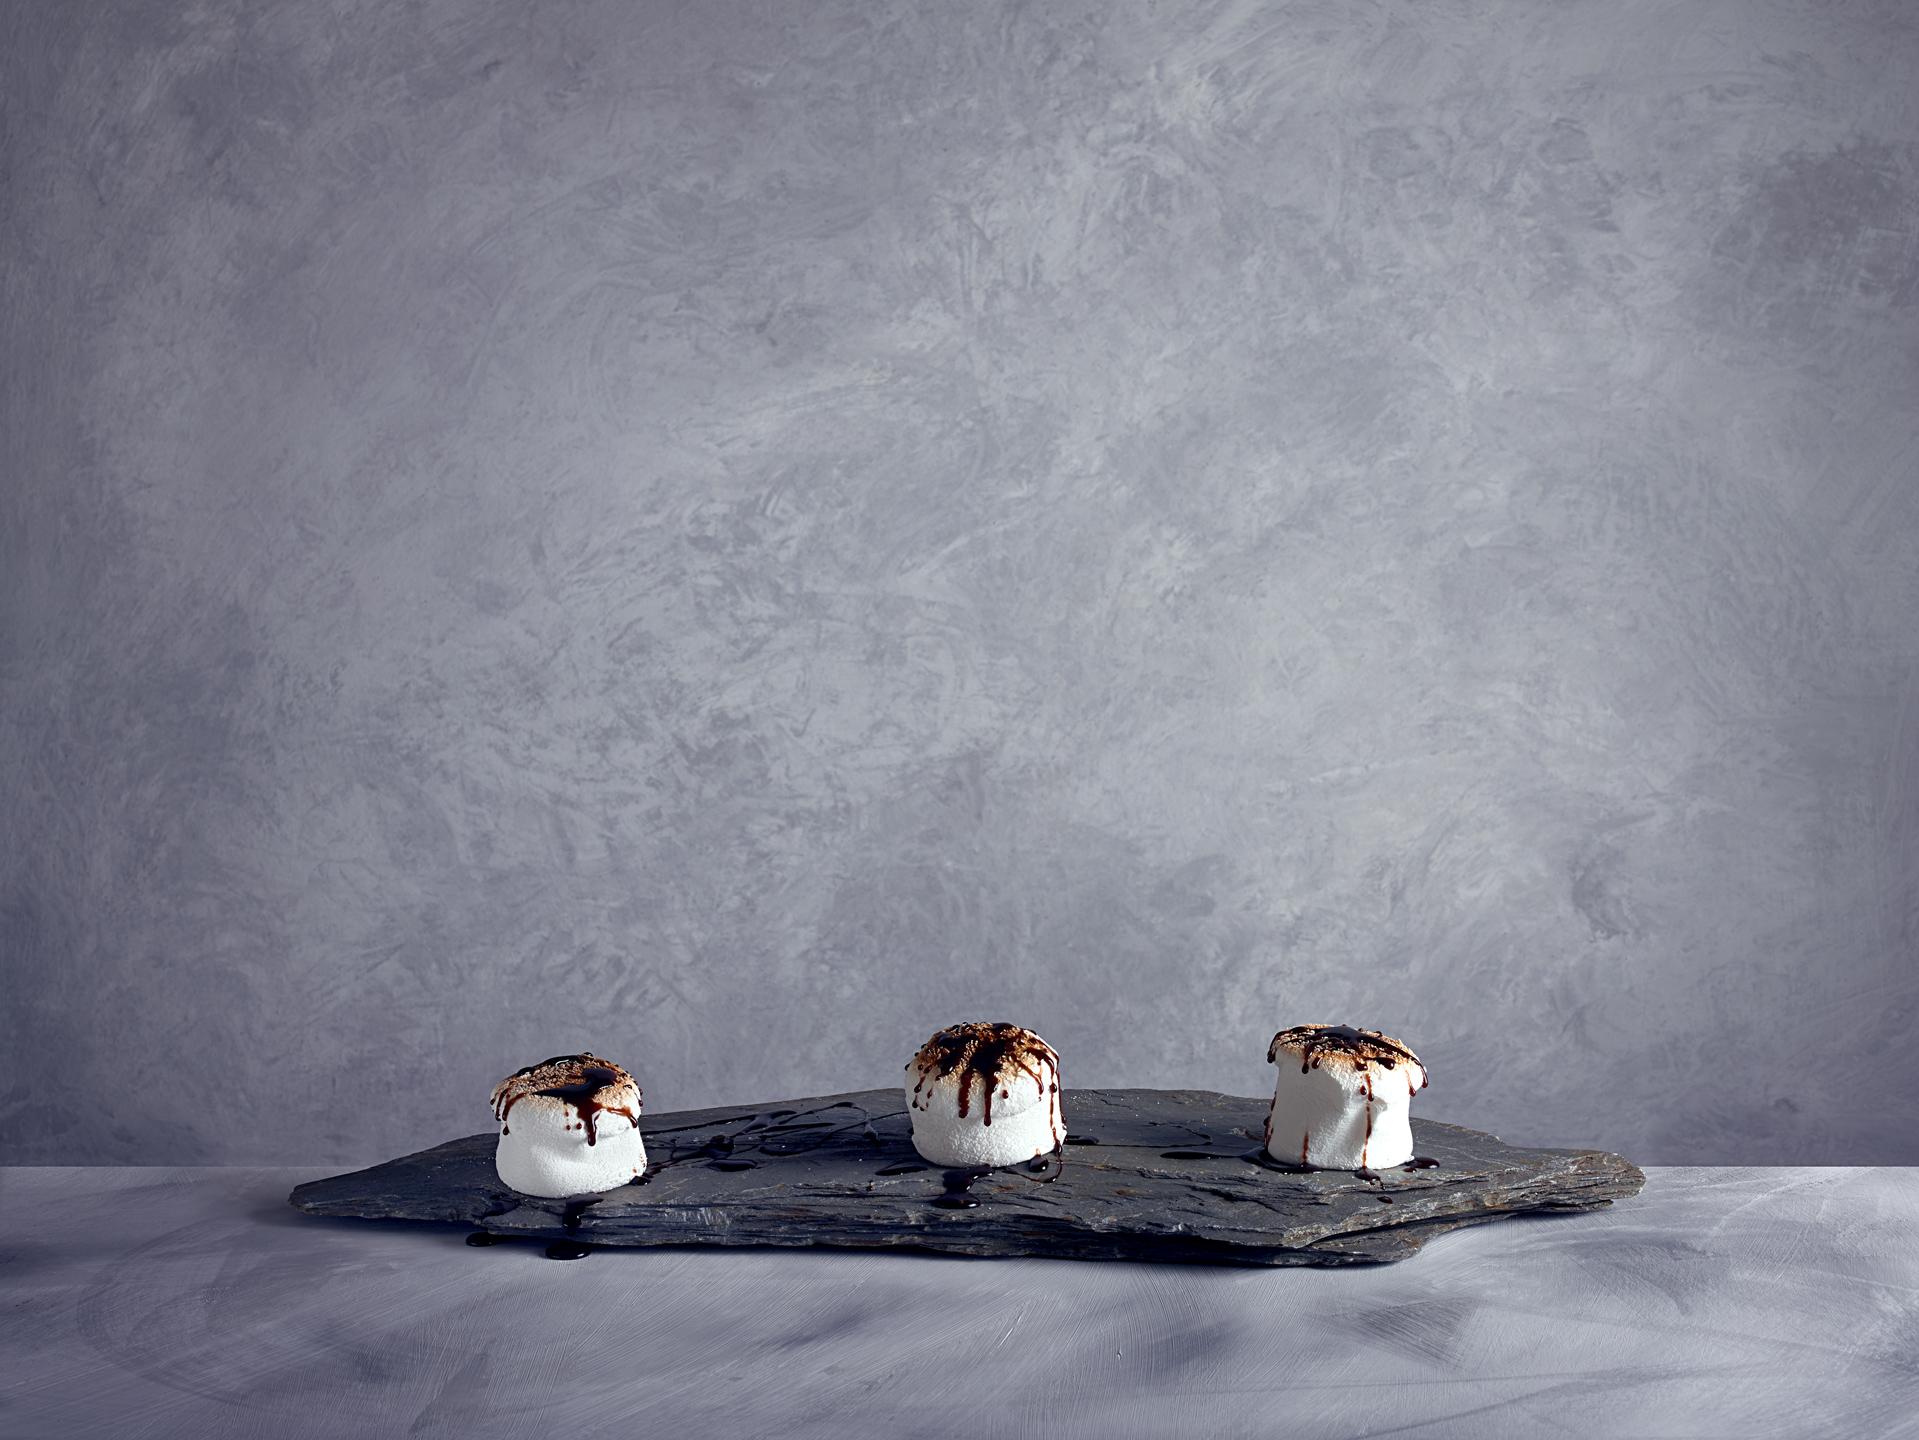 Kevin Mallett - dessert